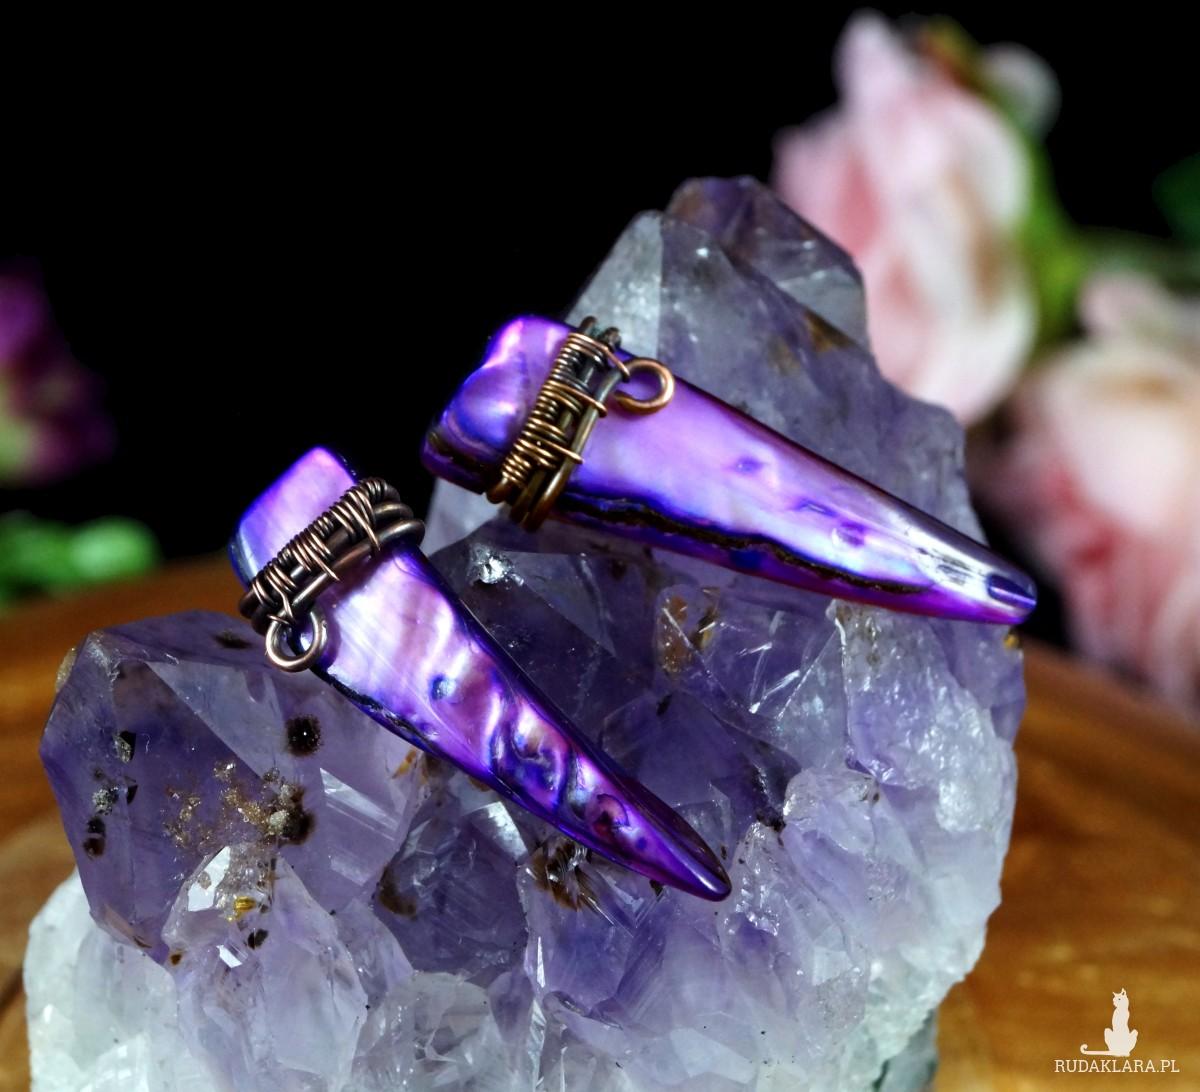 Fioletowy kieł Miedziane kolczyki z masy perłowej ręcznie wykonane, prezent dla niej prezent dla niego prezent urodzinowy biżuteria autorska